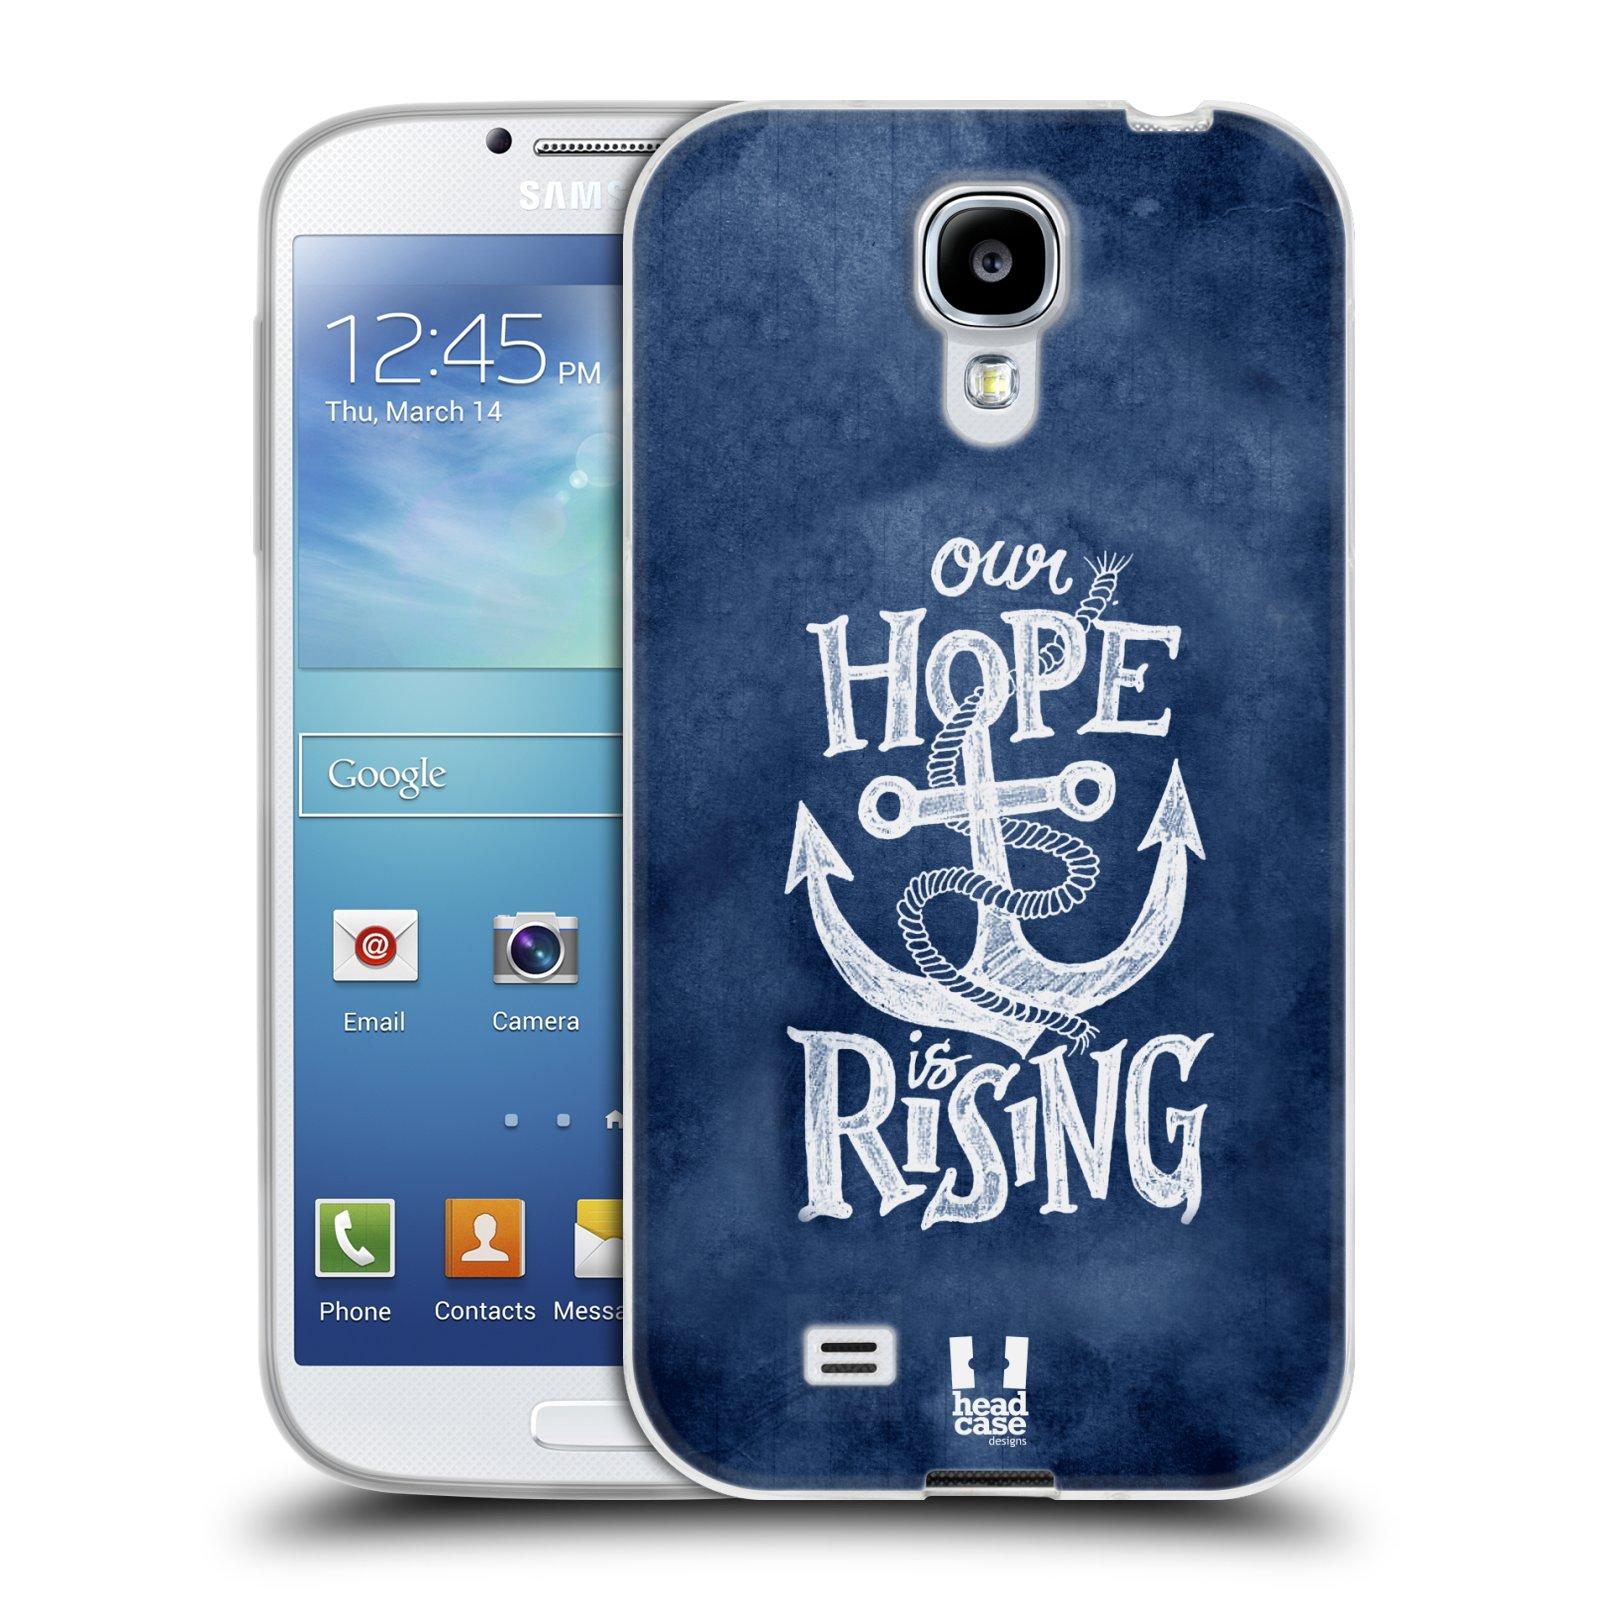 Silikonové pouzdro na mobil Samsung Galaxy S4 HEAD CASE KOTVA RISING (Silikonový kryt či obal na mobilní telefon Samsung Galaxy S4 GT-i9505 / i9500)